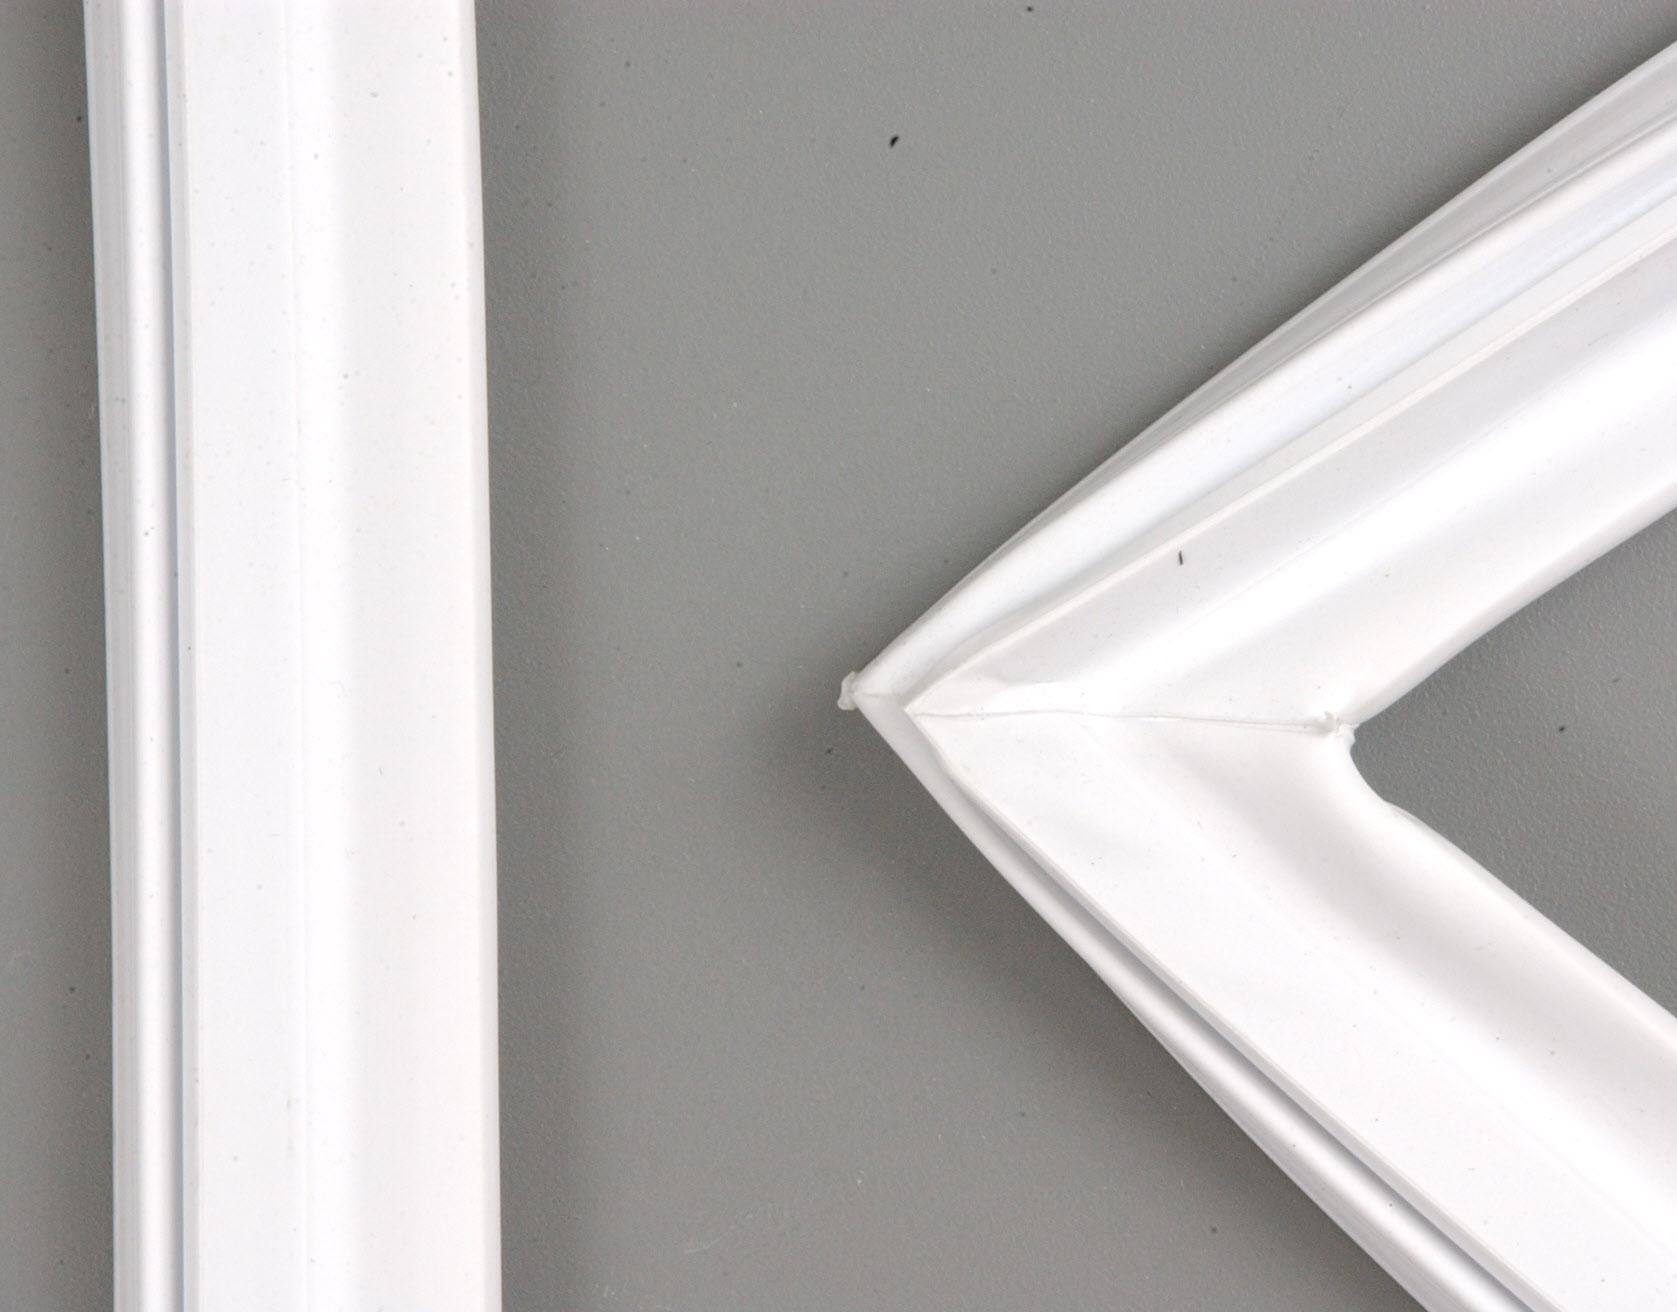 Amana Refrigerator Part # WP4357099 - Door Gasket